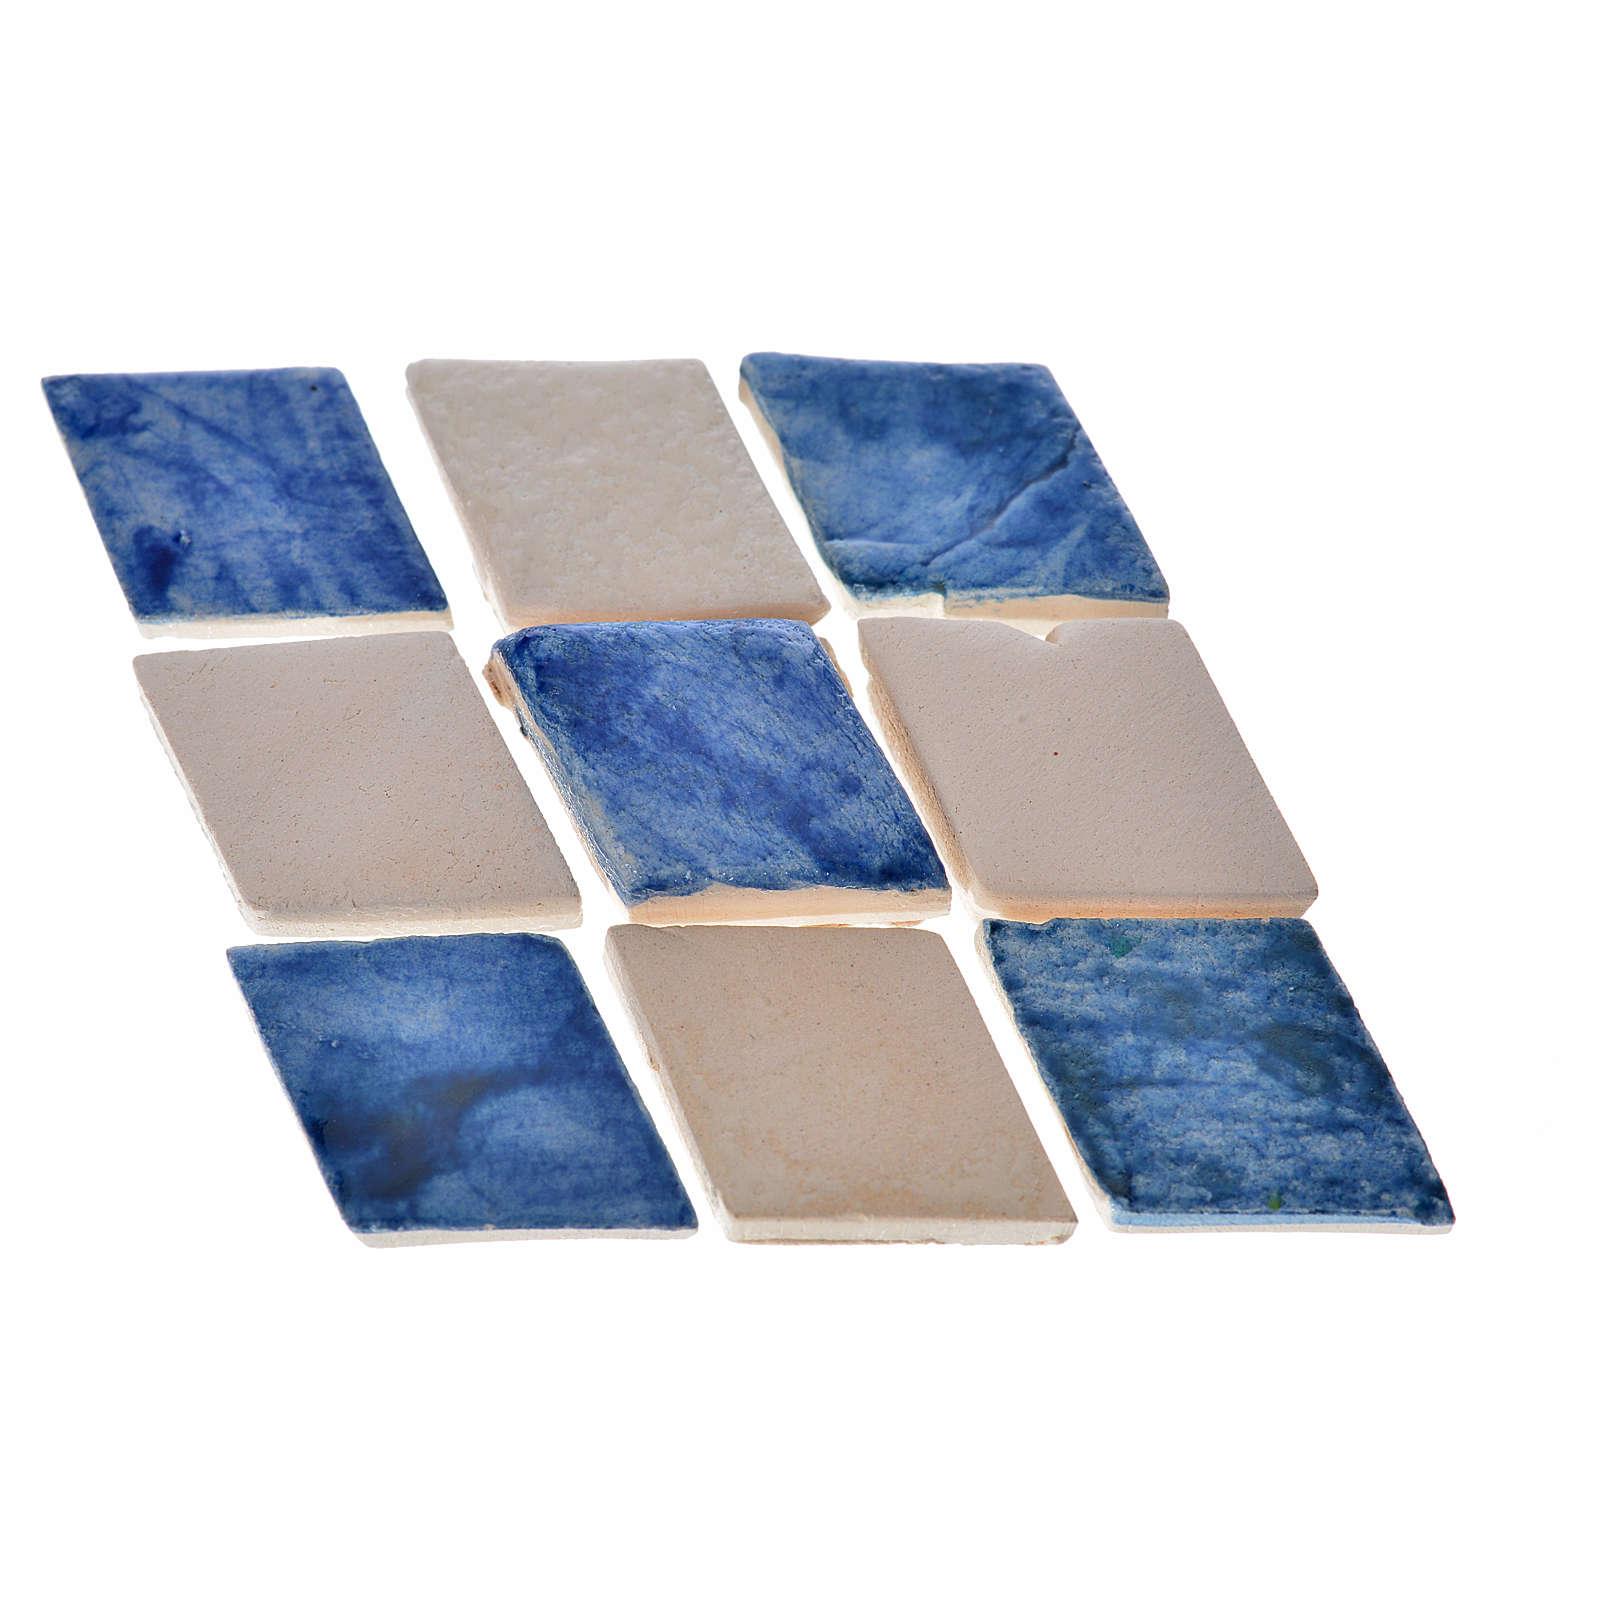 Azulejos de terracota esmaltada, 60pz romboidales azul 4